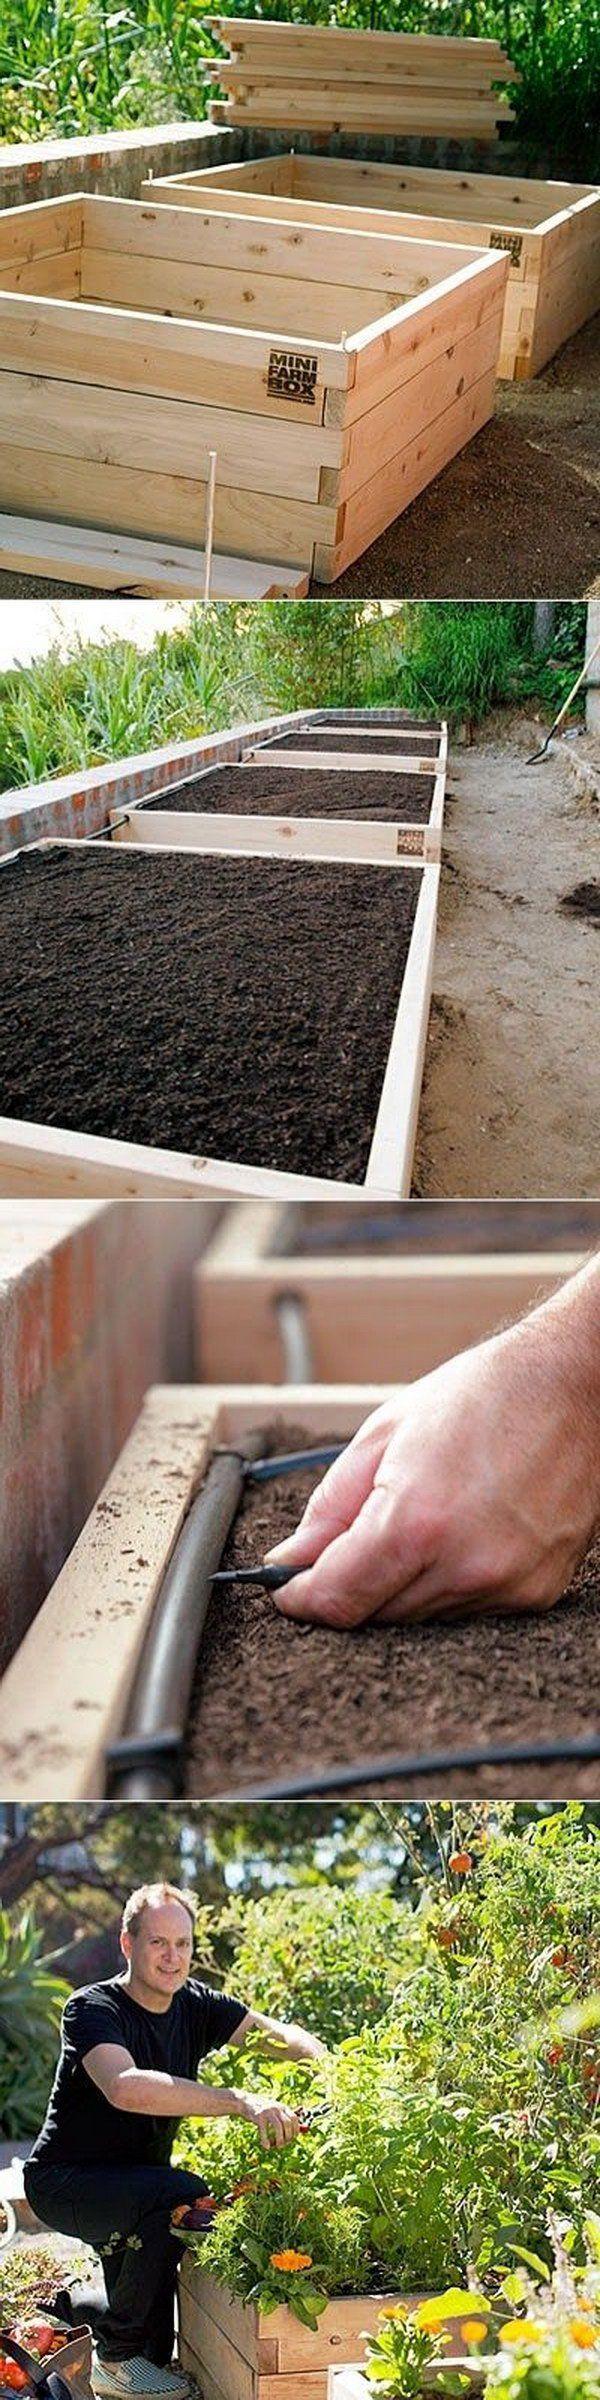 Self Watering Raised Bed Vegetable Garden.